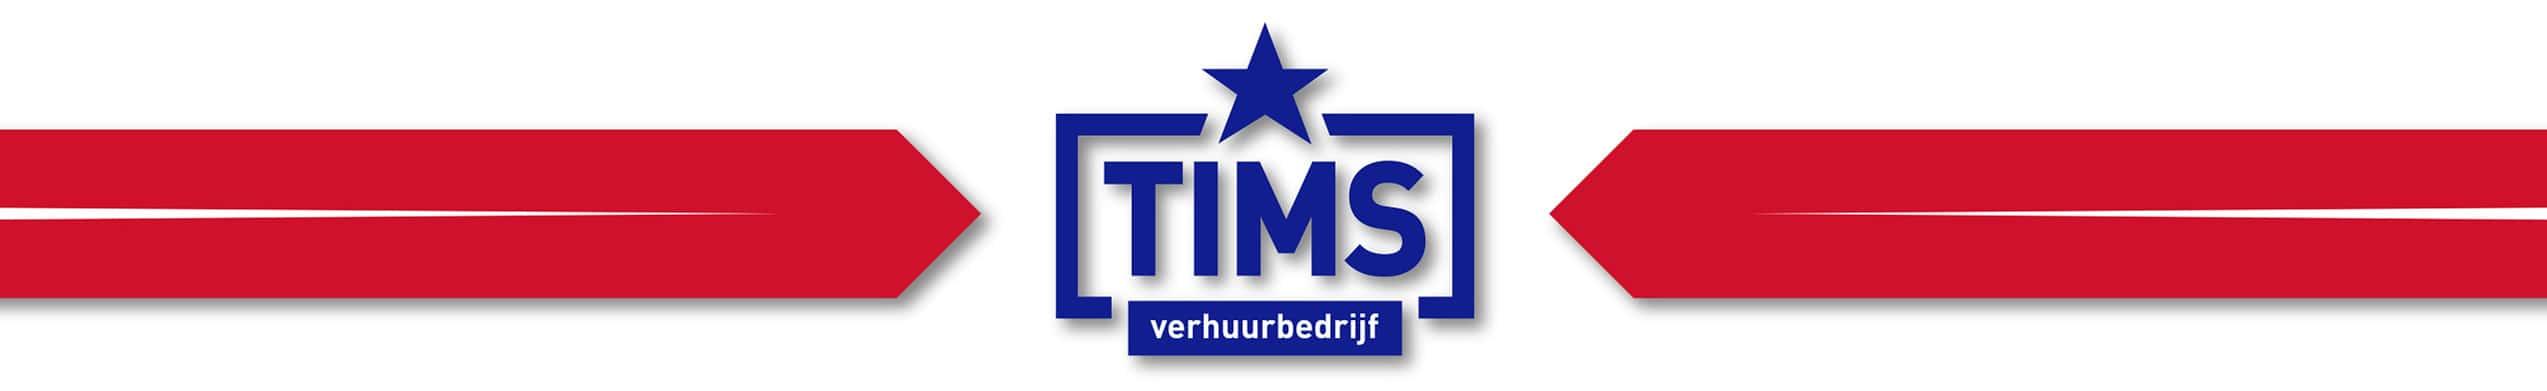 Tims verhuurbedrijf Logo